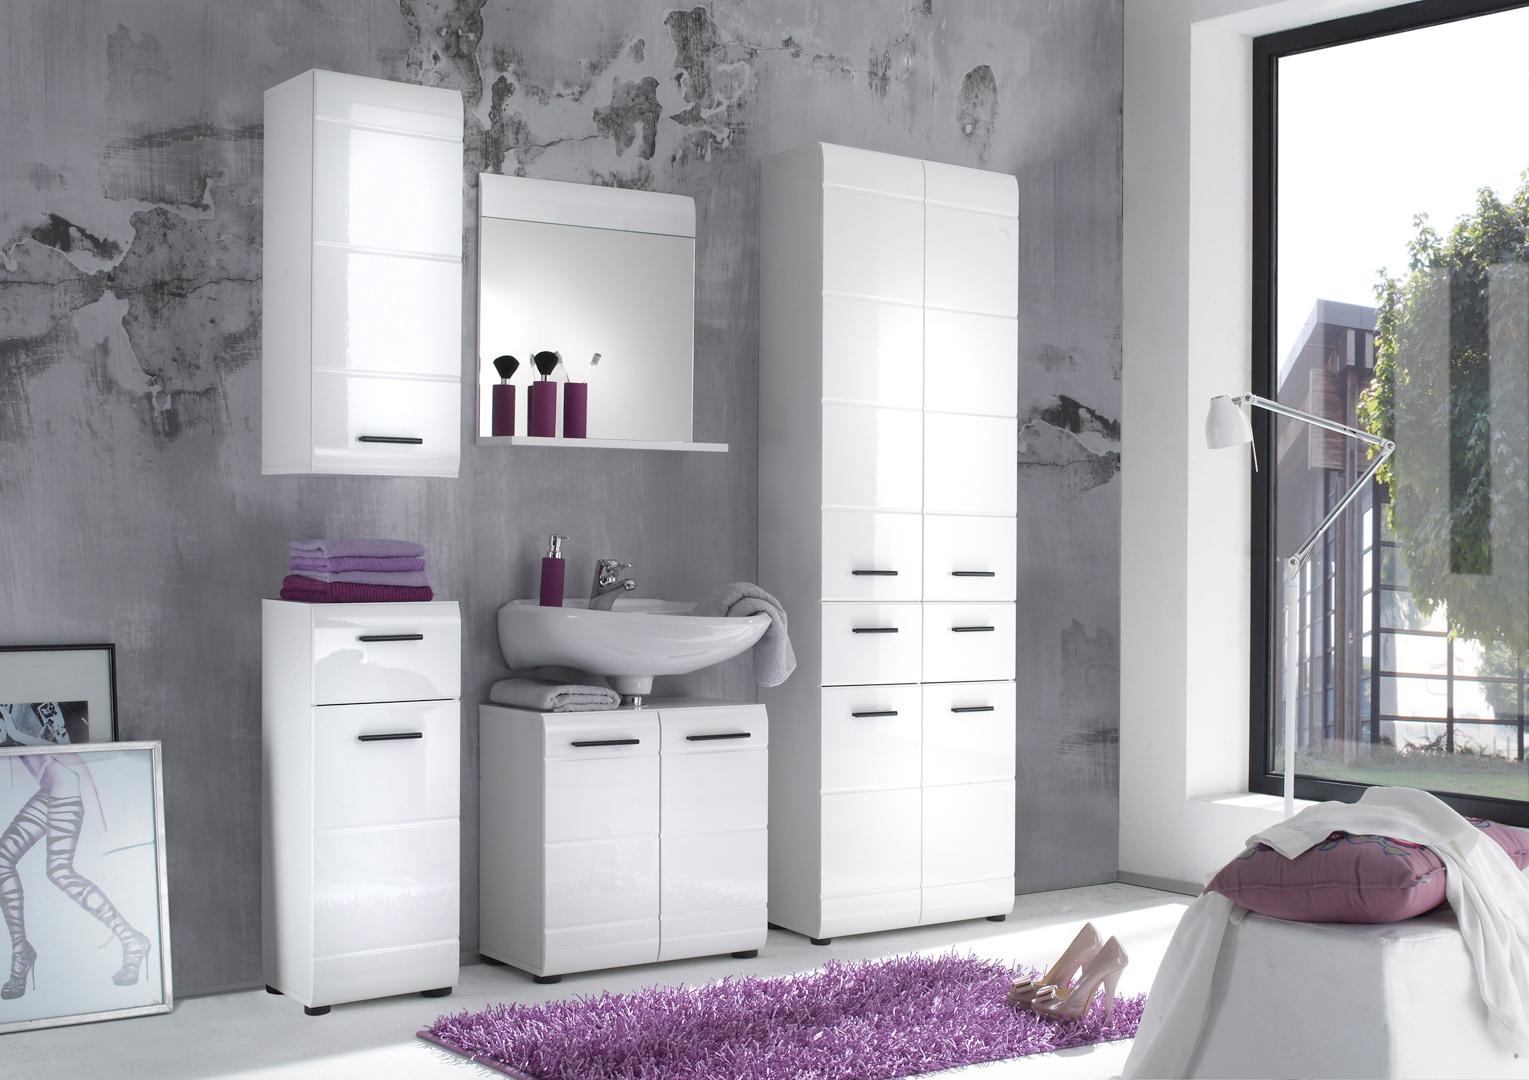 Ensemble de salle de bain design 5 l ments coloris blanc kyrios iii matelpro - Element de salle de bain ...